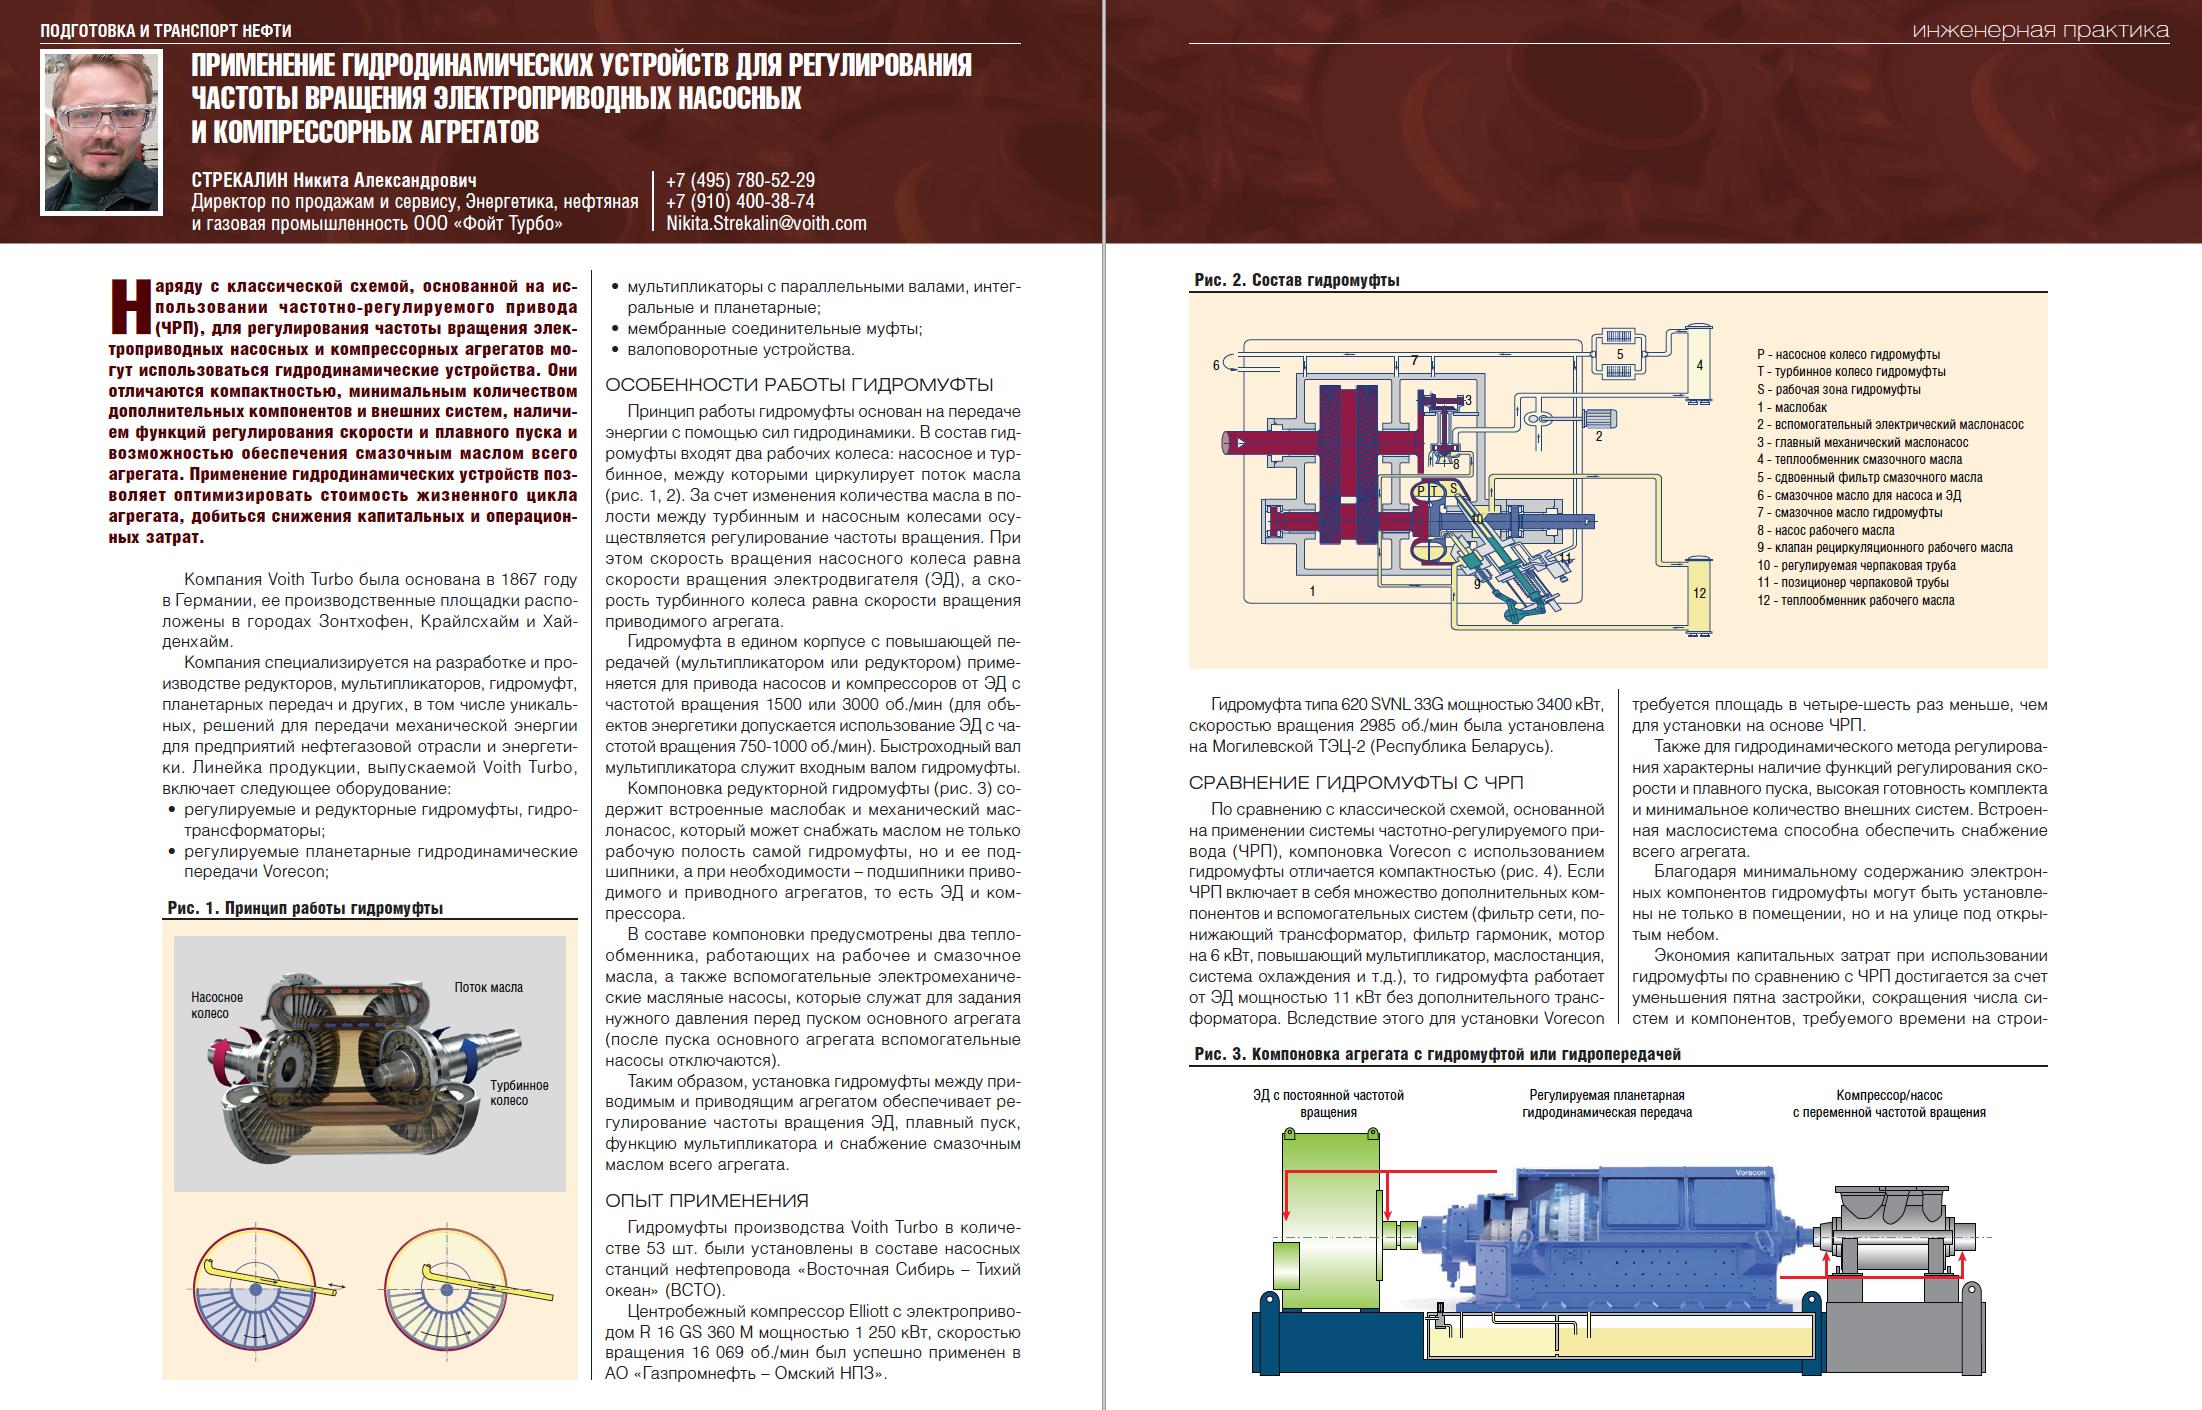 34554 Применение гидродинамических устройств для регулирования частоты вращения насосных и компрессорных агрегатов